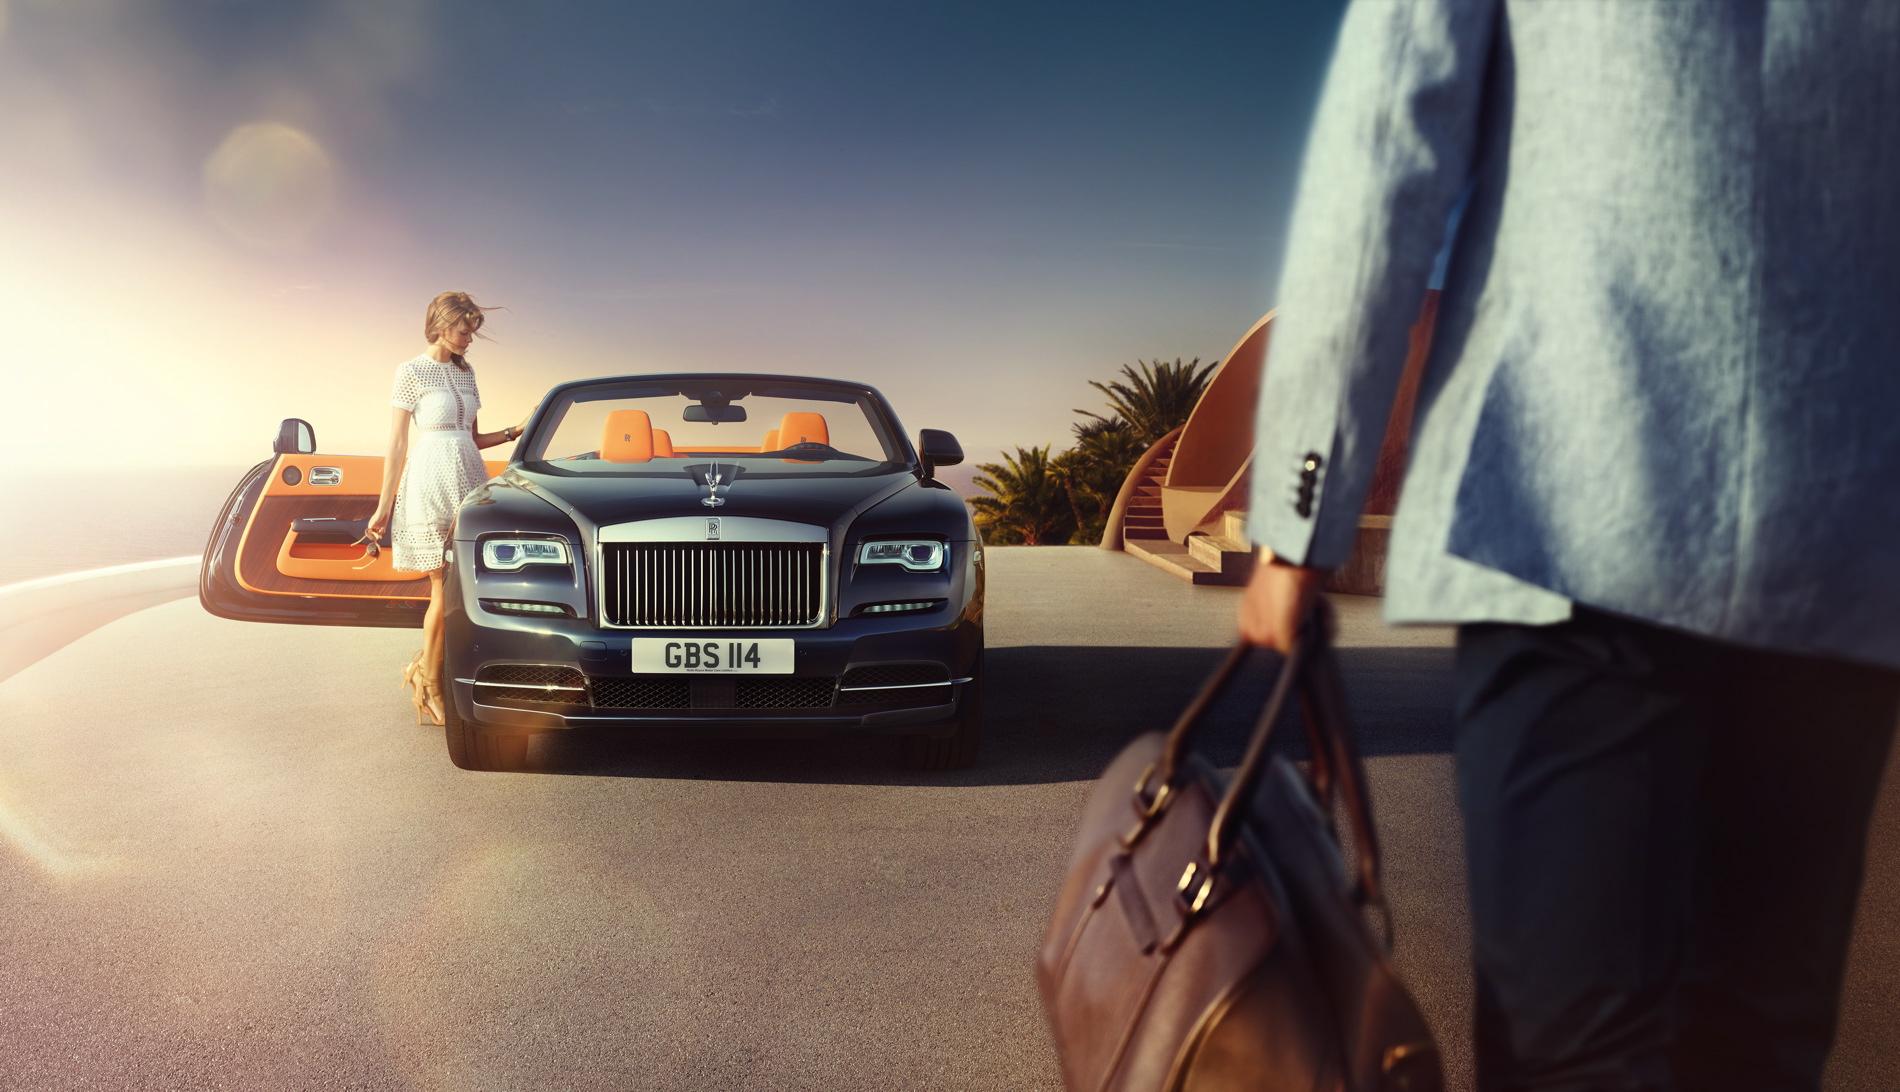 Rolls Royce Dawn images 1900x1200 10